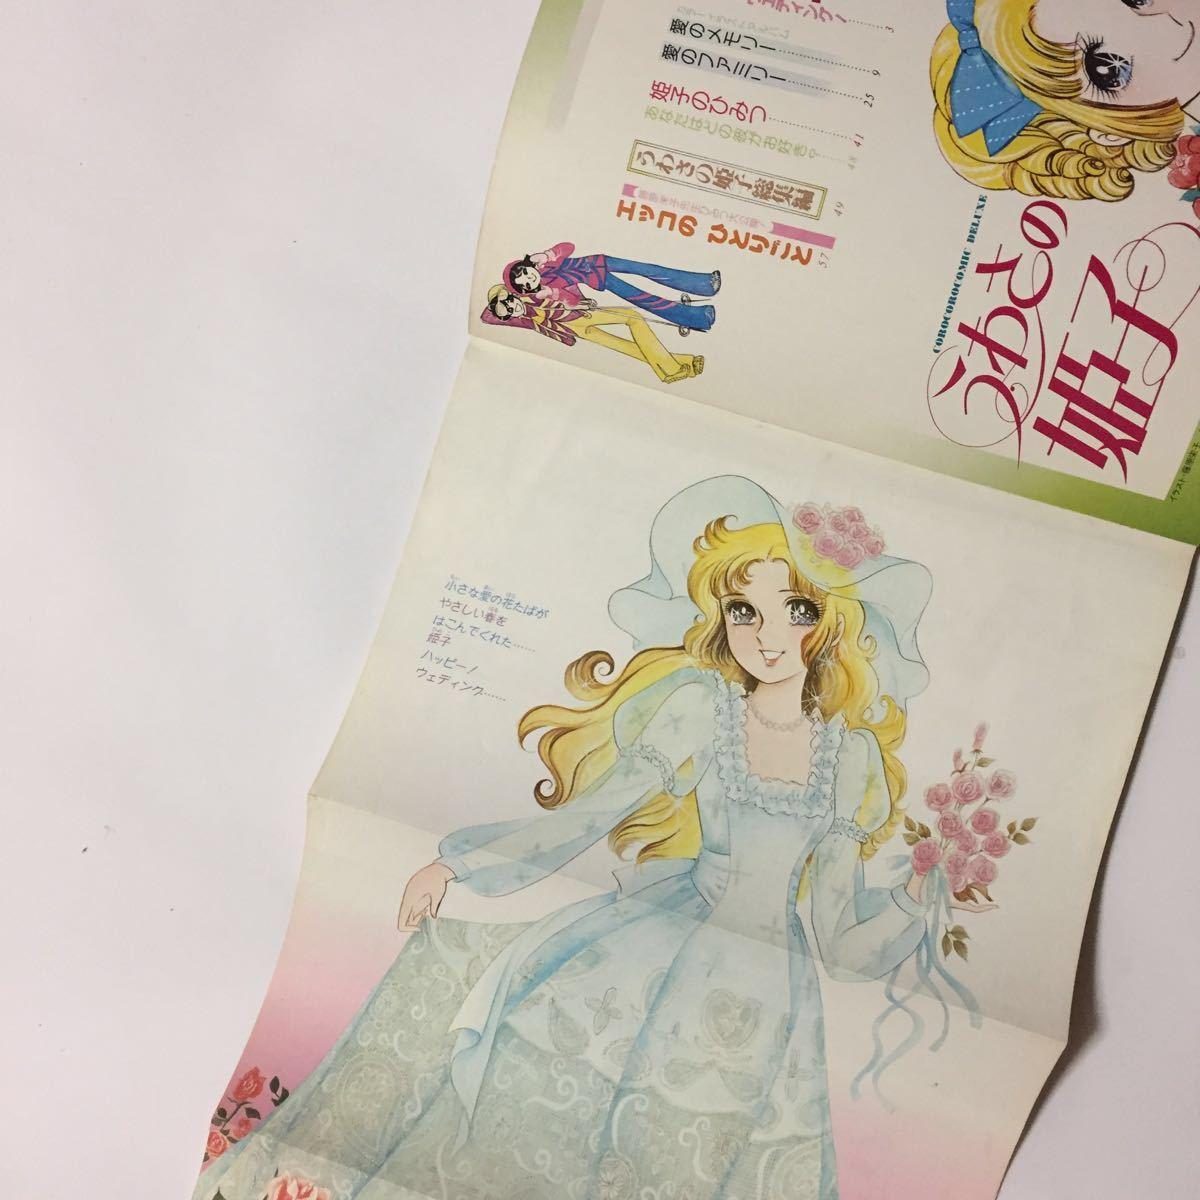 初版 うわさの姫子 愛のメモリー イラスト集 藤原栄子_画像3